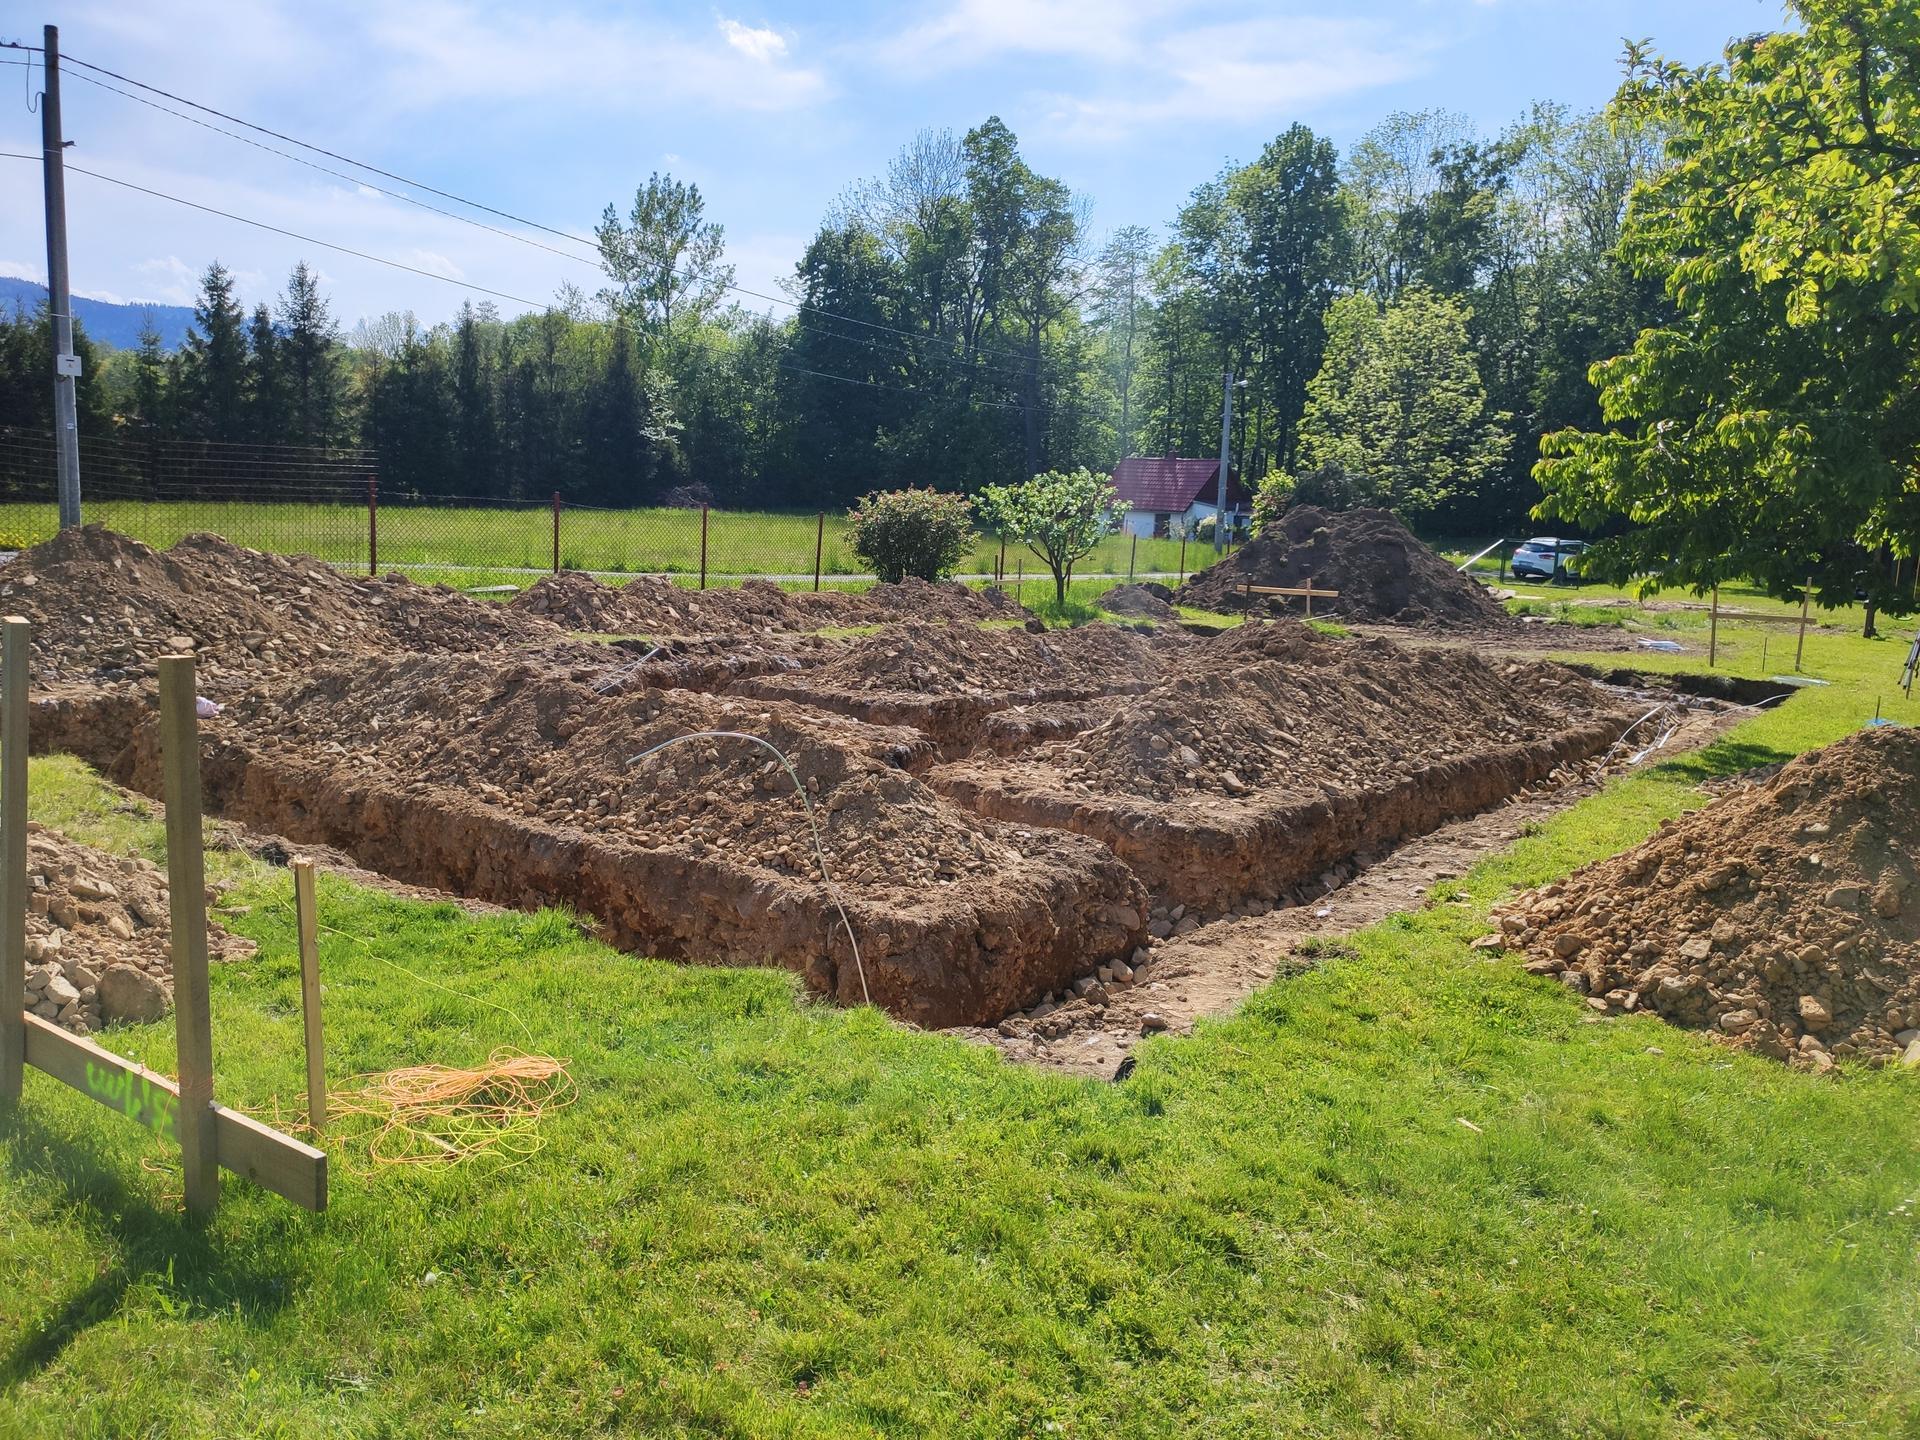 Začínáme si stavět náš dům 2020 - Obrázek č. 17